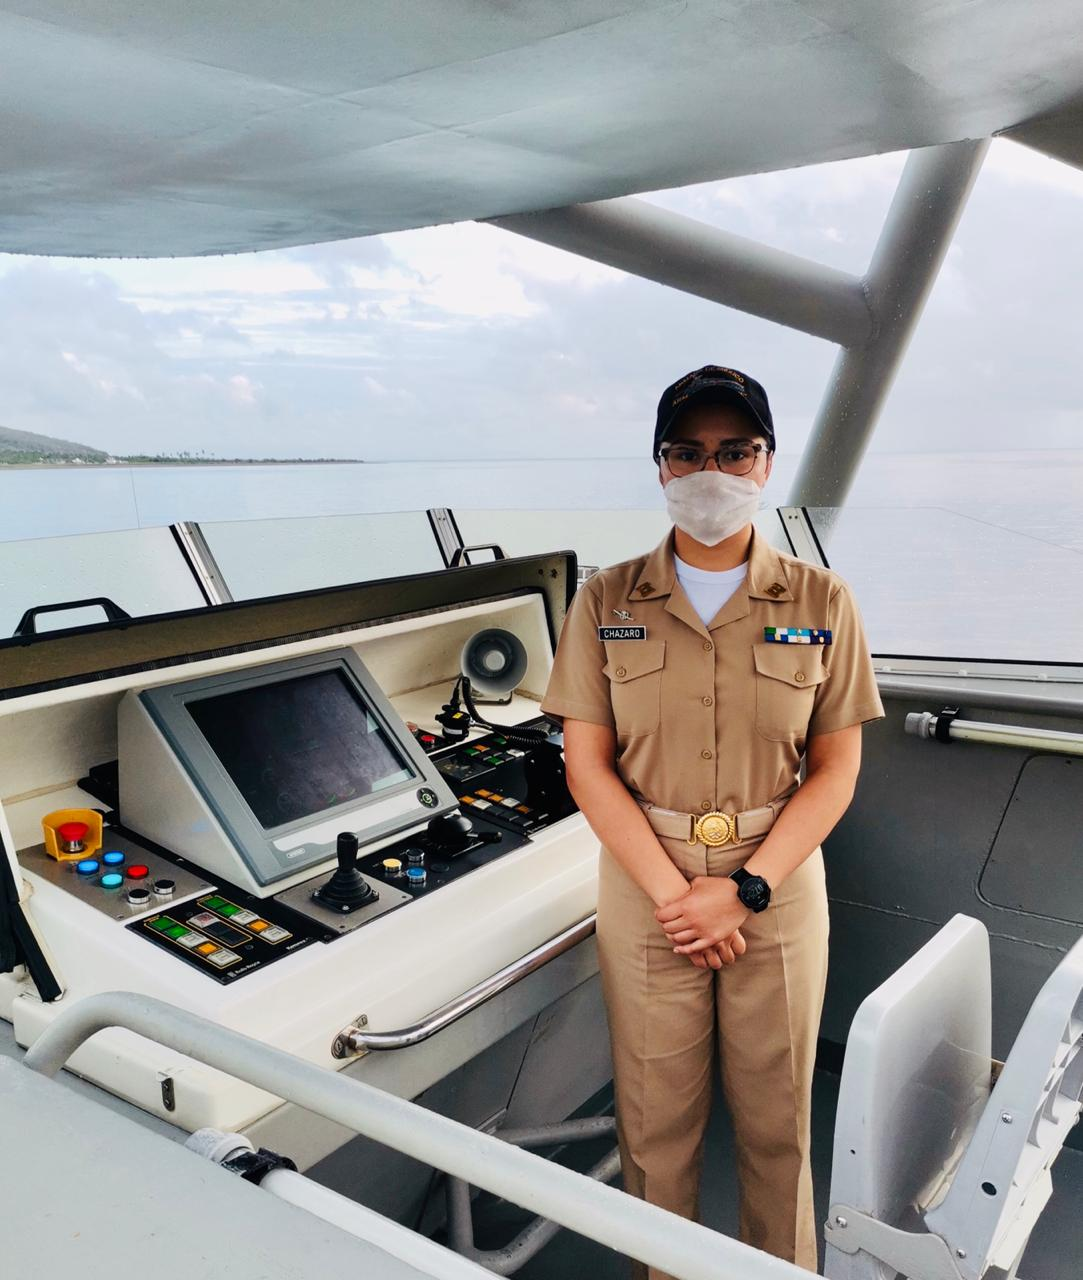 Zarpa patrulla costera de la SEMAR comandada por una mujer